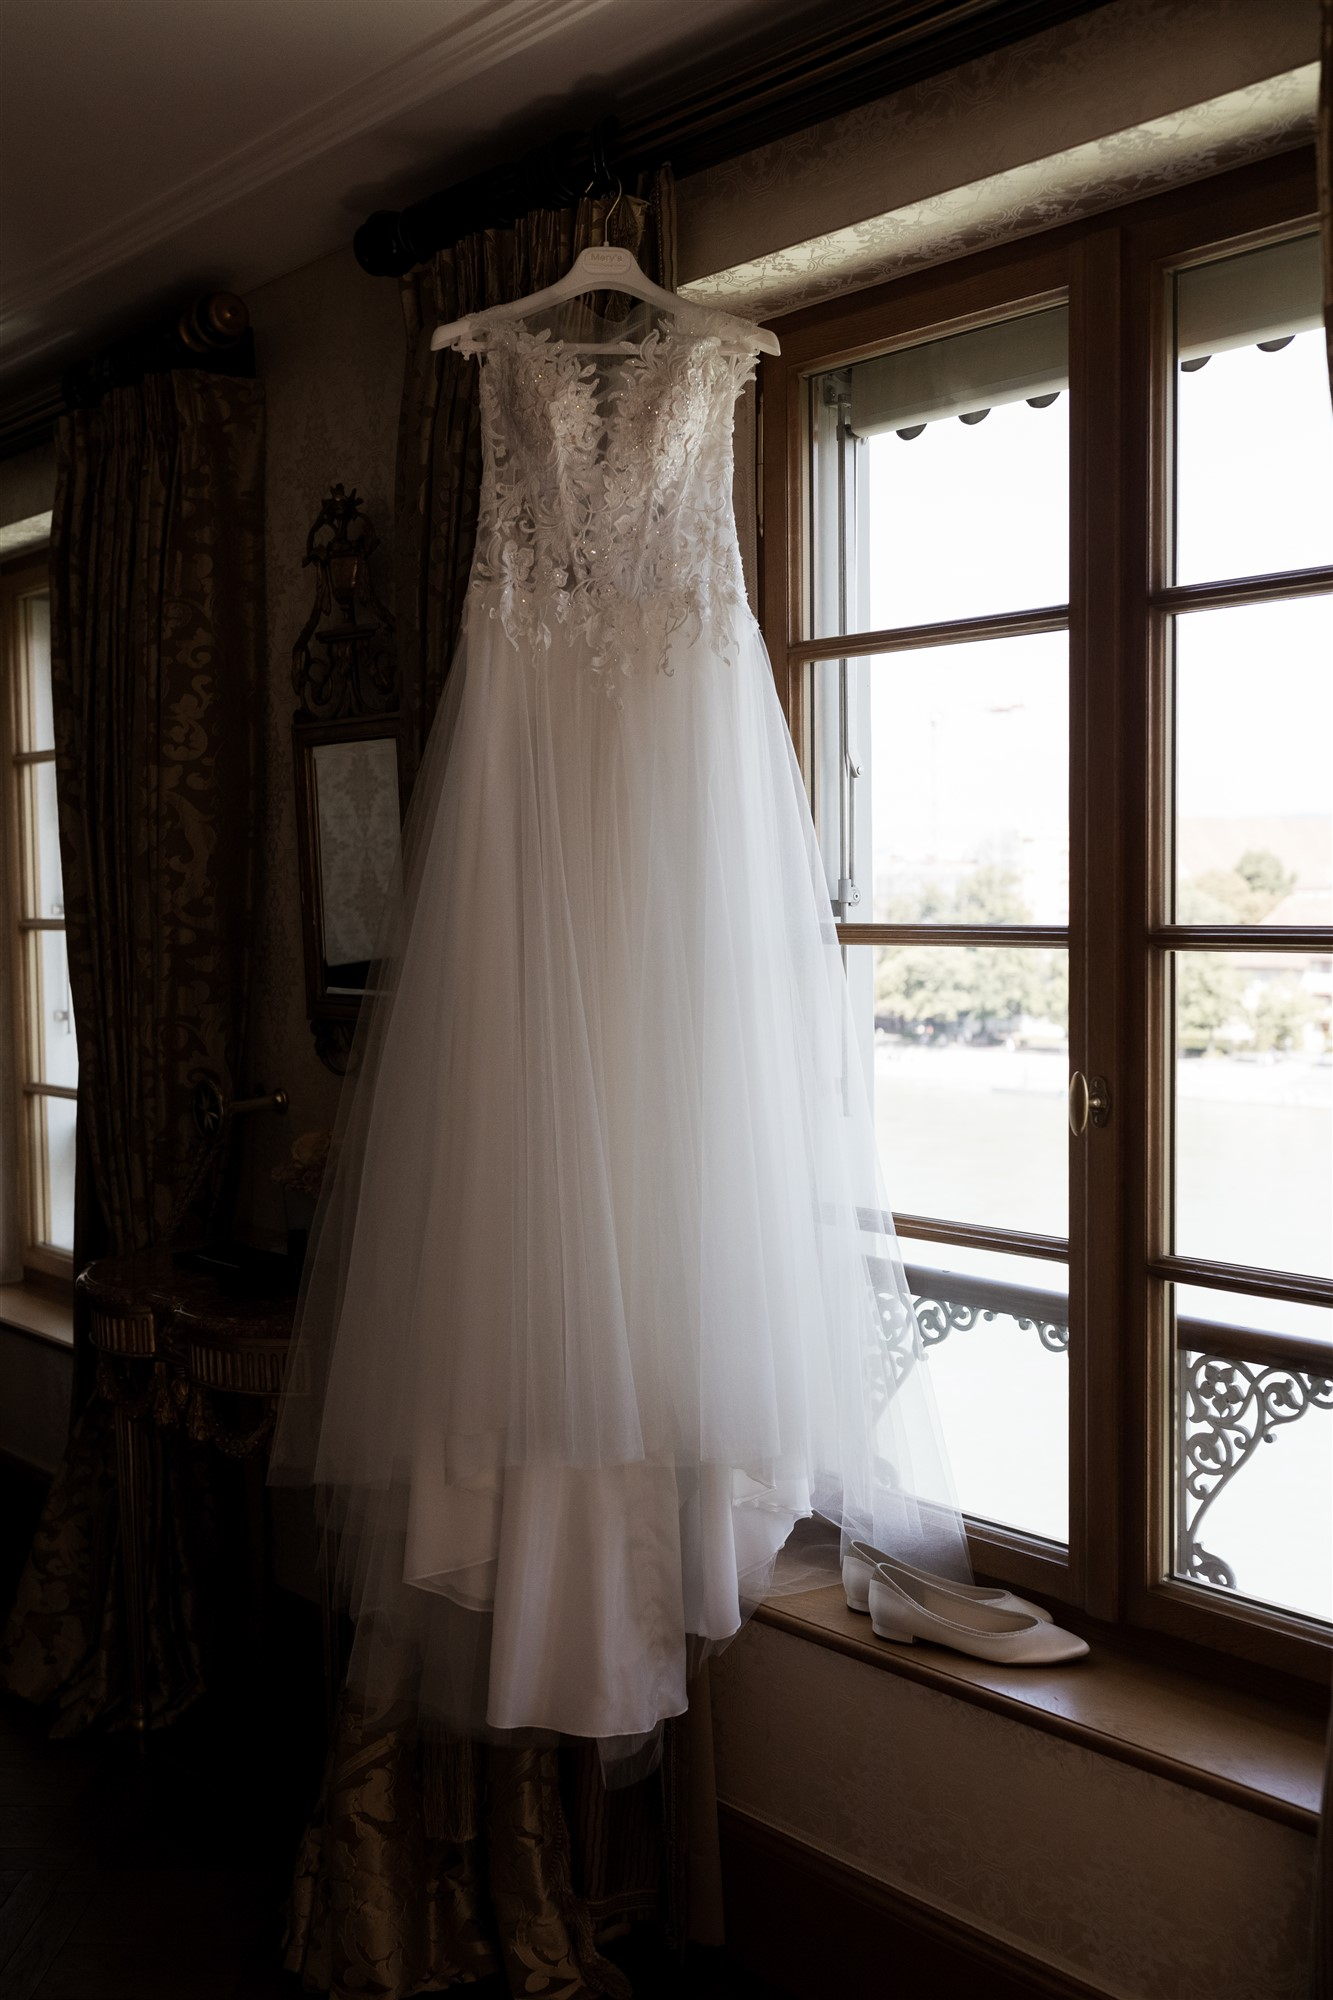 Hochzeitsfotograf Basel Hochzeit im Grand Hotel Les Trois Rois - Das Hochzeitskleid